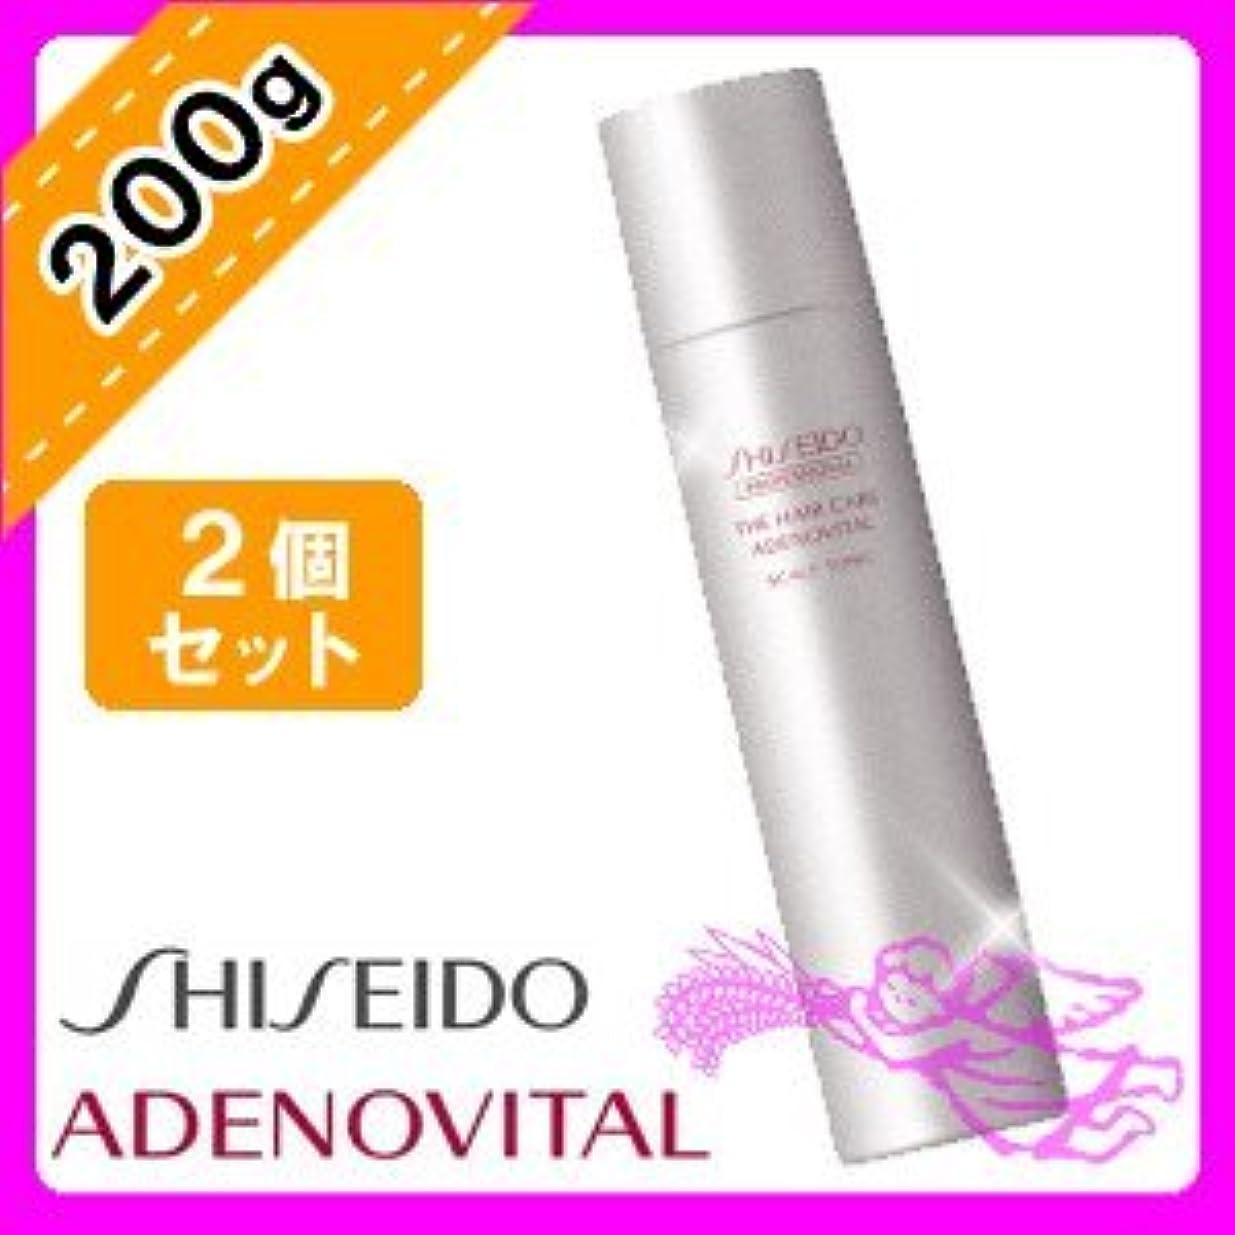 評価可能花スタンド資生堂 アデノバイタル スカルプトニック 200g ×2個セット SHISEIDO ADENOVITAL 医薬部外品